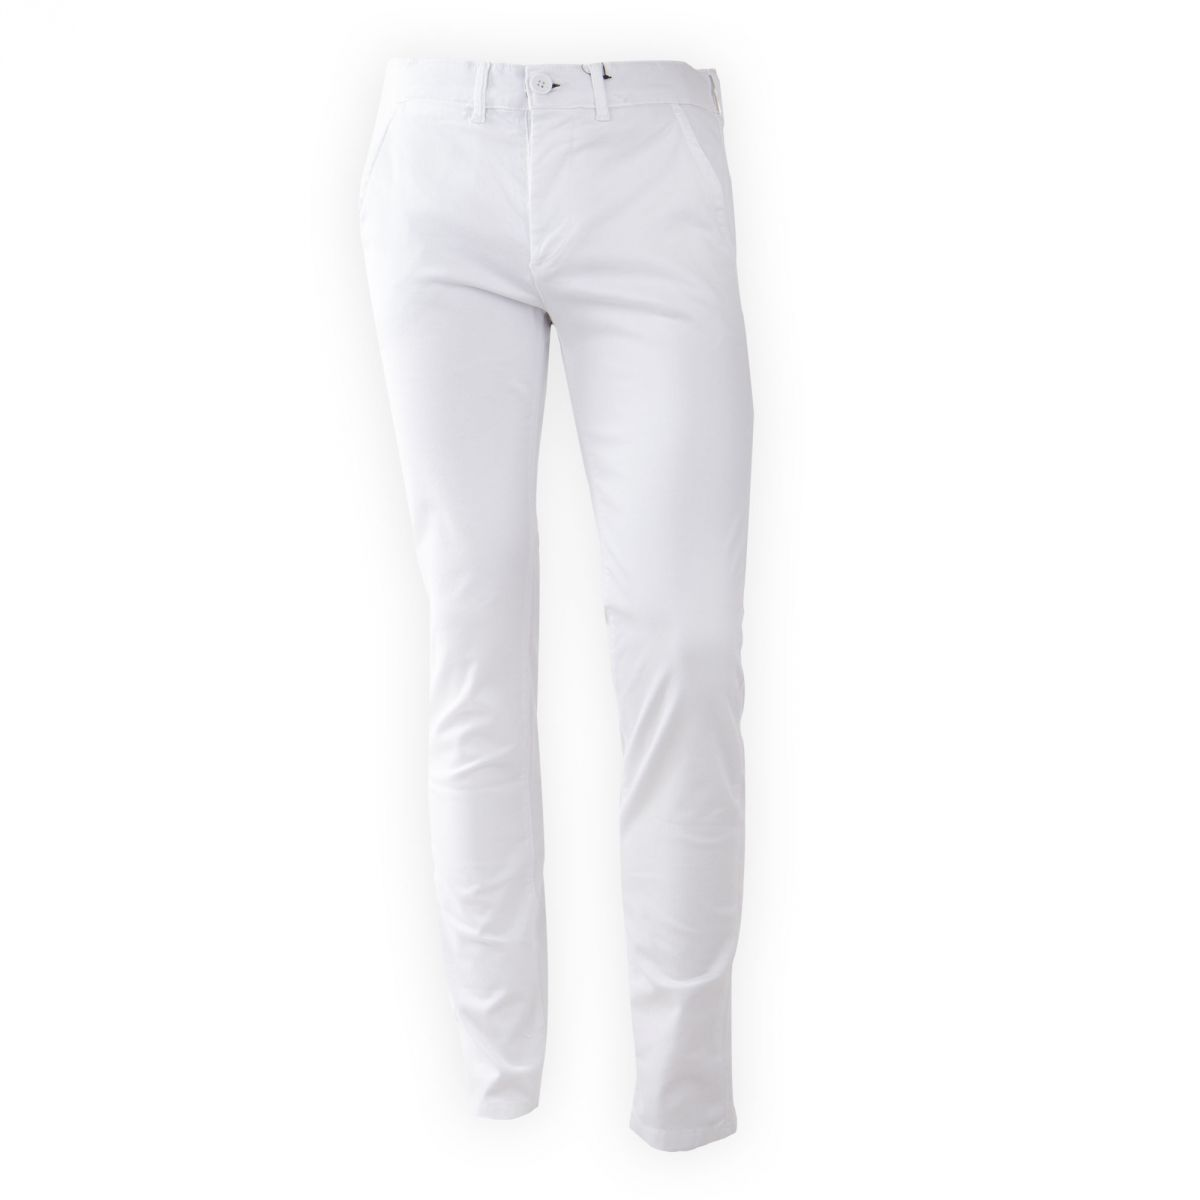 pantalon en toile blanc coupe slim homme best mountain prix. Black Bedroom Furniture Sets. Home Design Ideas